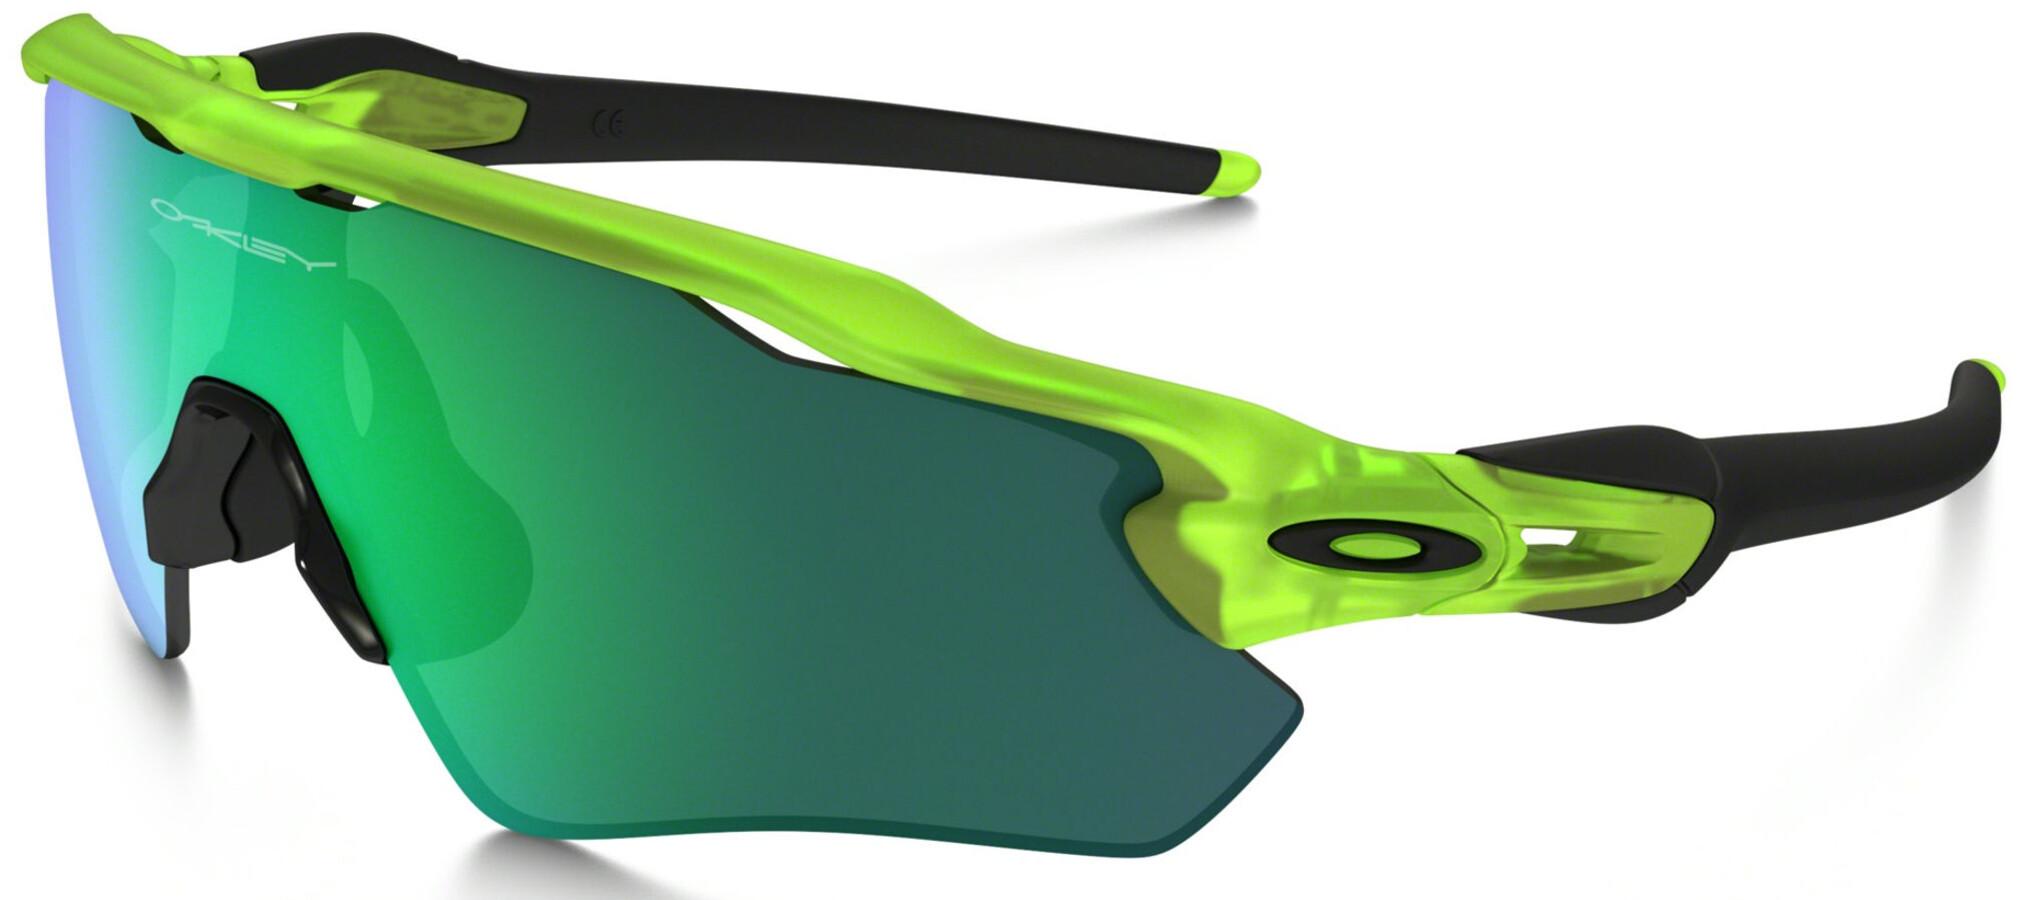 d30ebeb845 Oakley Radar EV XS Path - Gafas ciclismo - verde/negro | Bikester.es